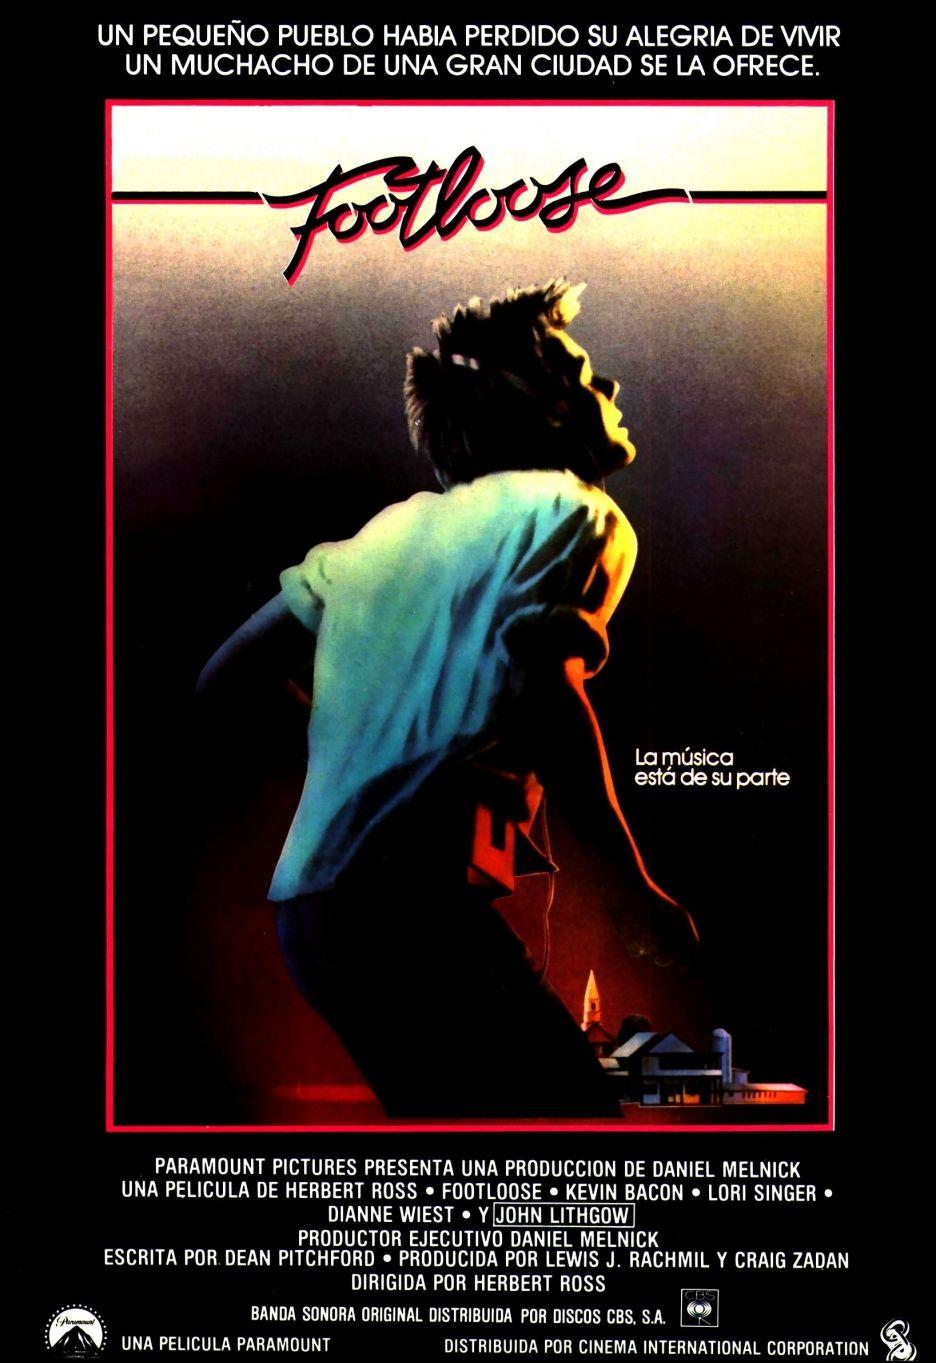 The Footloose Ver Peliculas Peliculas Peliculas De Los 80